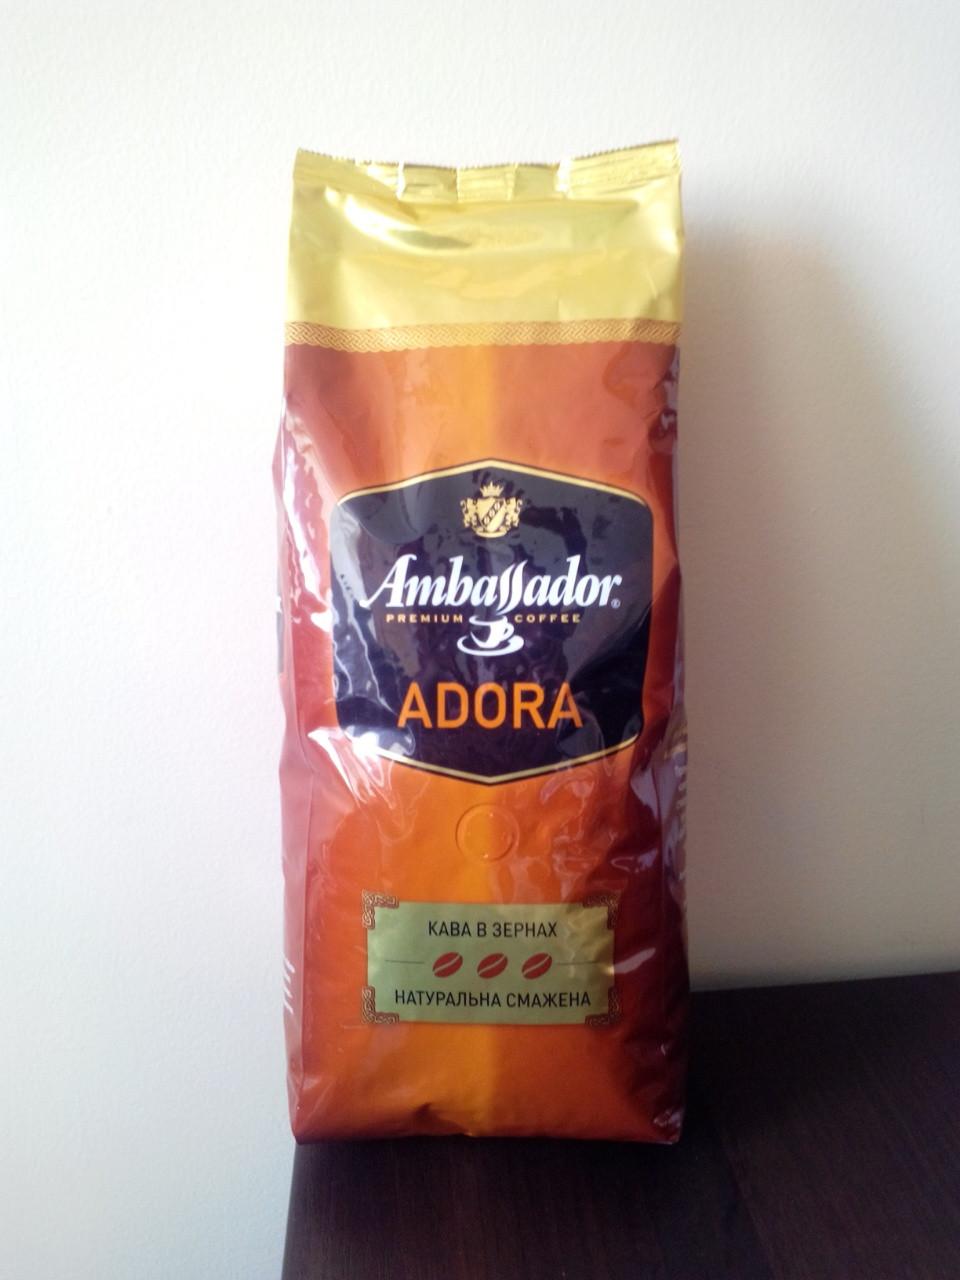 ambassador adora, ambassador adora зернах, амбассадор, амбассадор адора, амбассадор адора кофе в зернах, кава амбассадор адора, кофе ambassador adora, кофе ambassador adora зернах, кофе амбассадор, кофе амбассадор адора